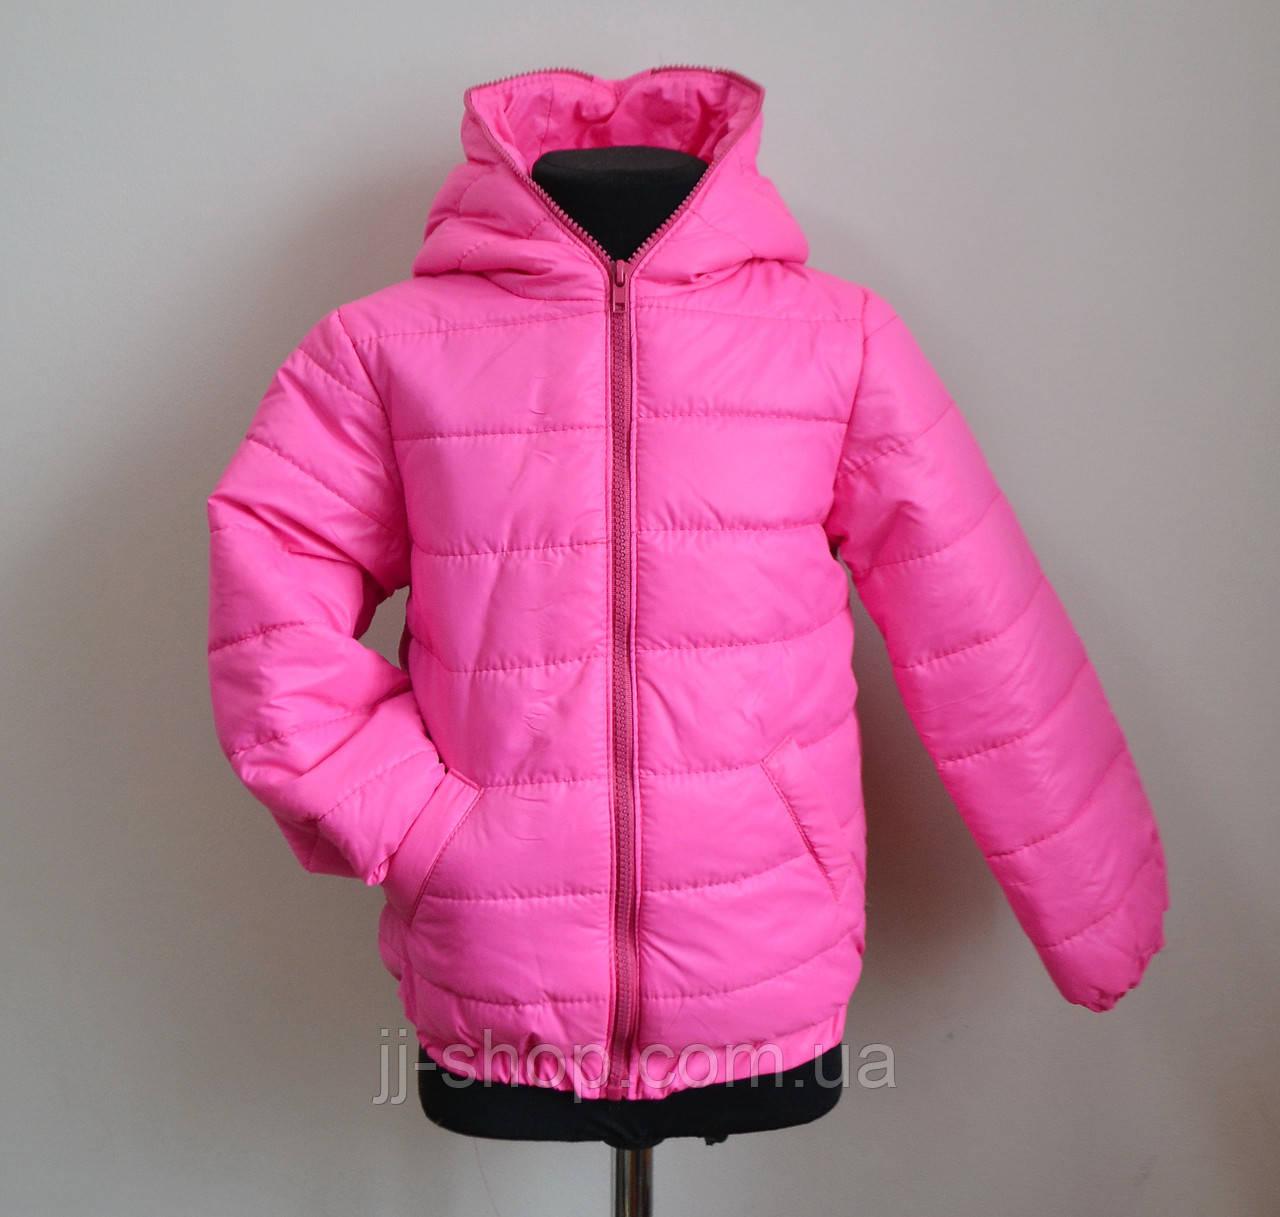 """Детская куртка для девочки демисезонная - """"jj-shop"""" - интернет-магазин детской и подростковой одежды. в Хмельницком"""